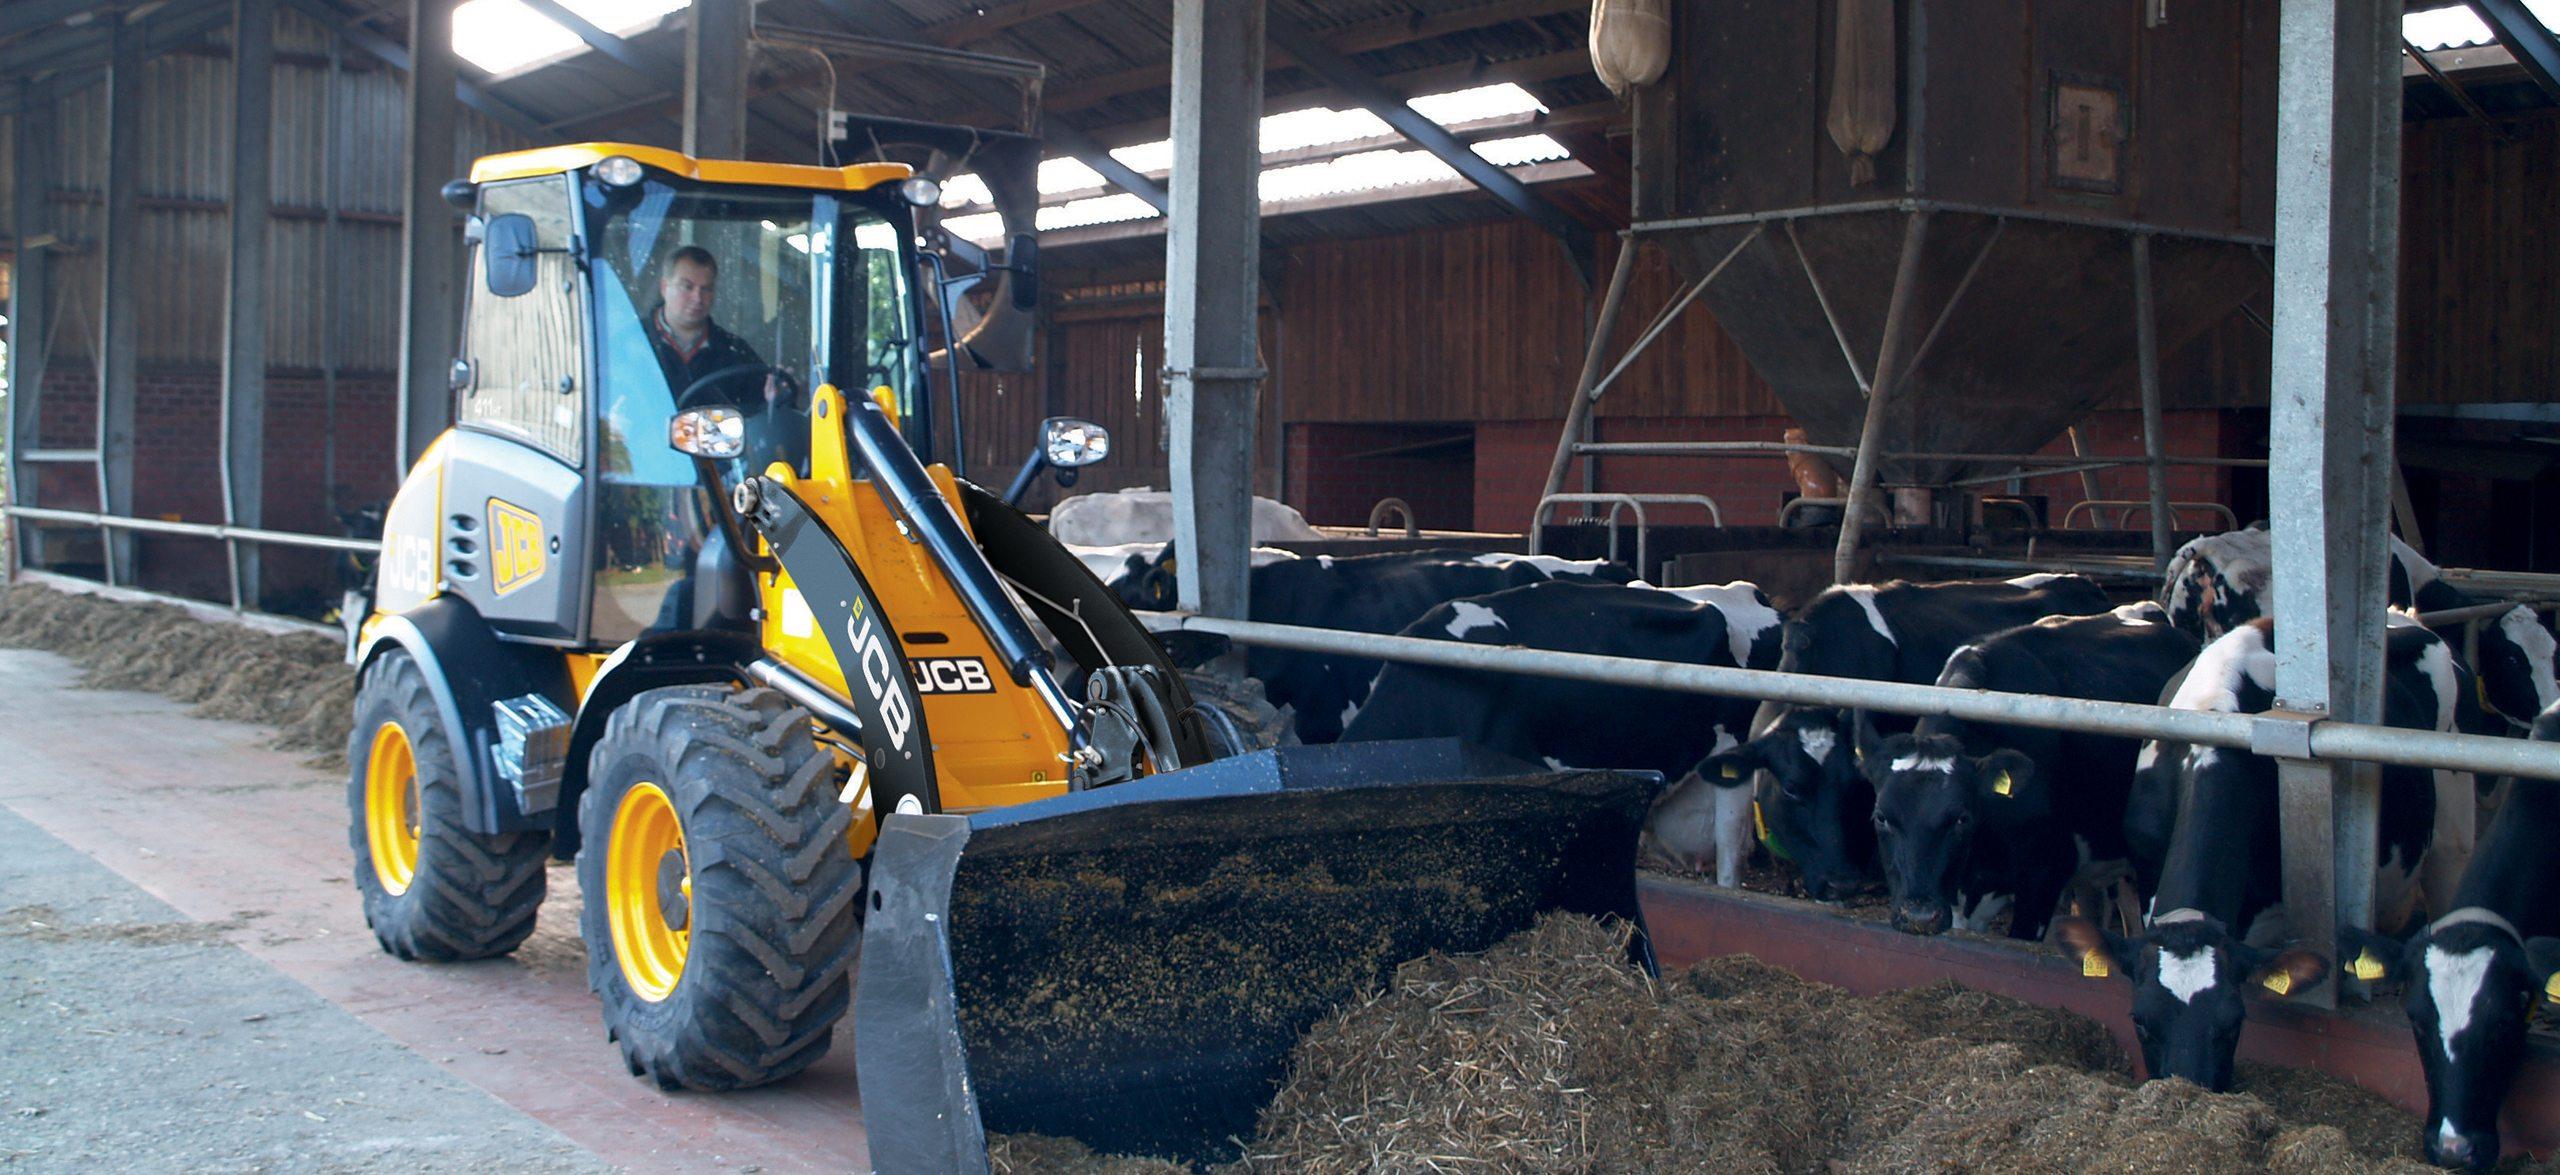 Landwirt bei der Stallreinigung im Kuhstall mit dem allradbetriebenen Hoflader.